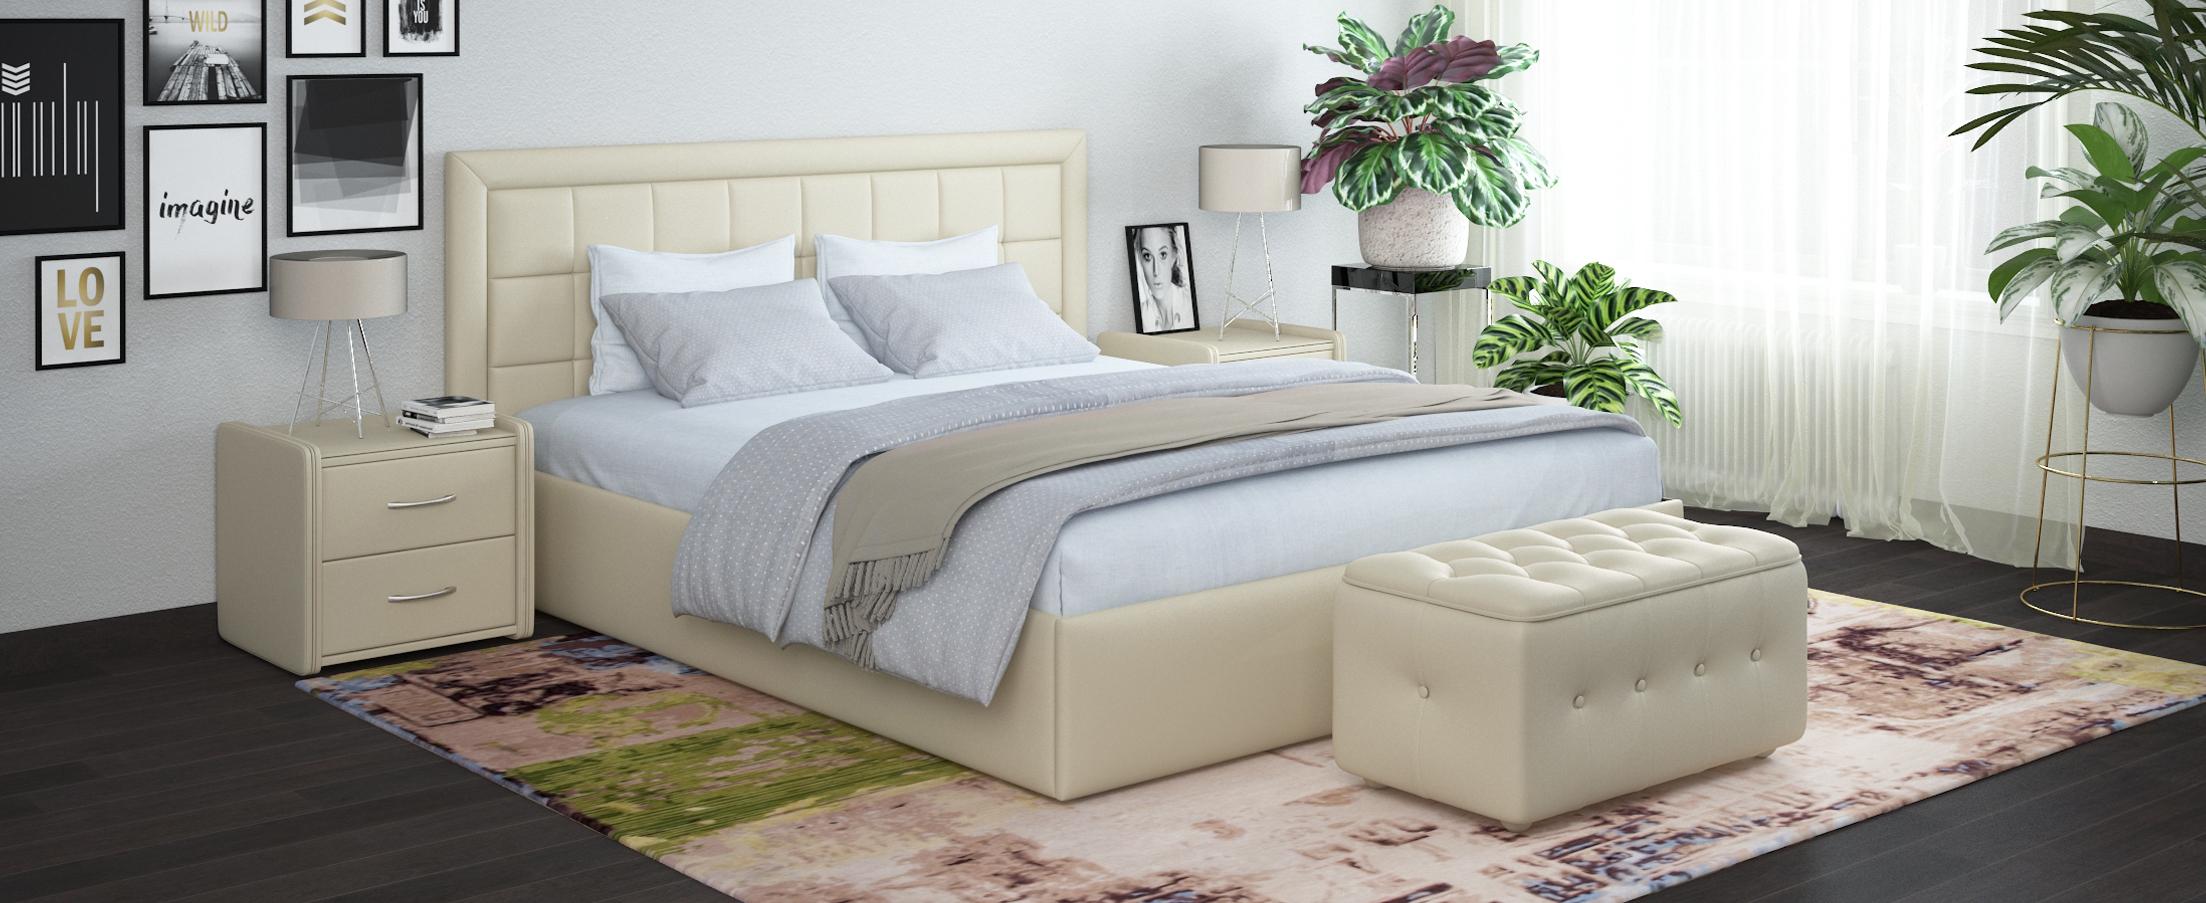 Кровать двуспальная Ноэми 160х200 Модель 1202Строгий дизайн кровати Ноэми является примером сдержанной универсальной красоты, благодаря этому модель прекрасно подходит как к современному интерьеру спальни, так и к классическому.<br><br>Ширина см: 185<br>Глубина см: 209<br>Высота см: 104<br>Ширина спального места см: 160<br>Длина спального места см: 200<br>Подъемный механизм: Есть<br>Материал каркаса: ЛДСП<br>Материал обивки: Экокожа<br>Цвет: Белый<br>Код ткани: 36-148<br>Бренд: MOON-TRADE